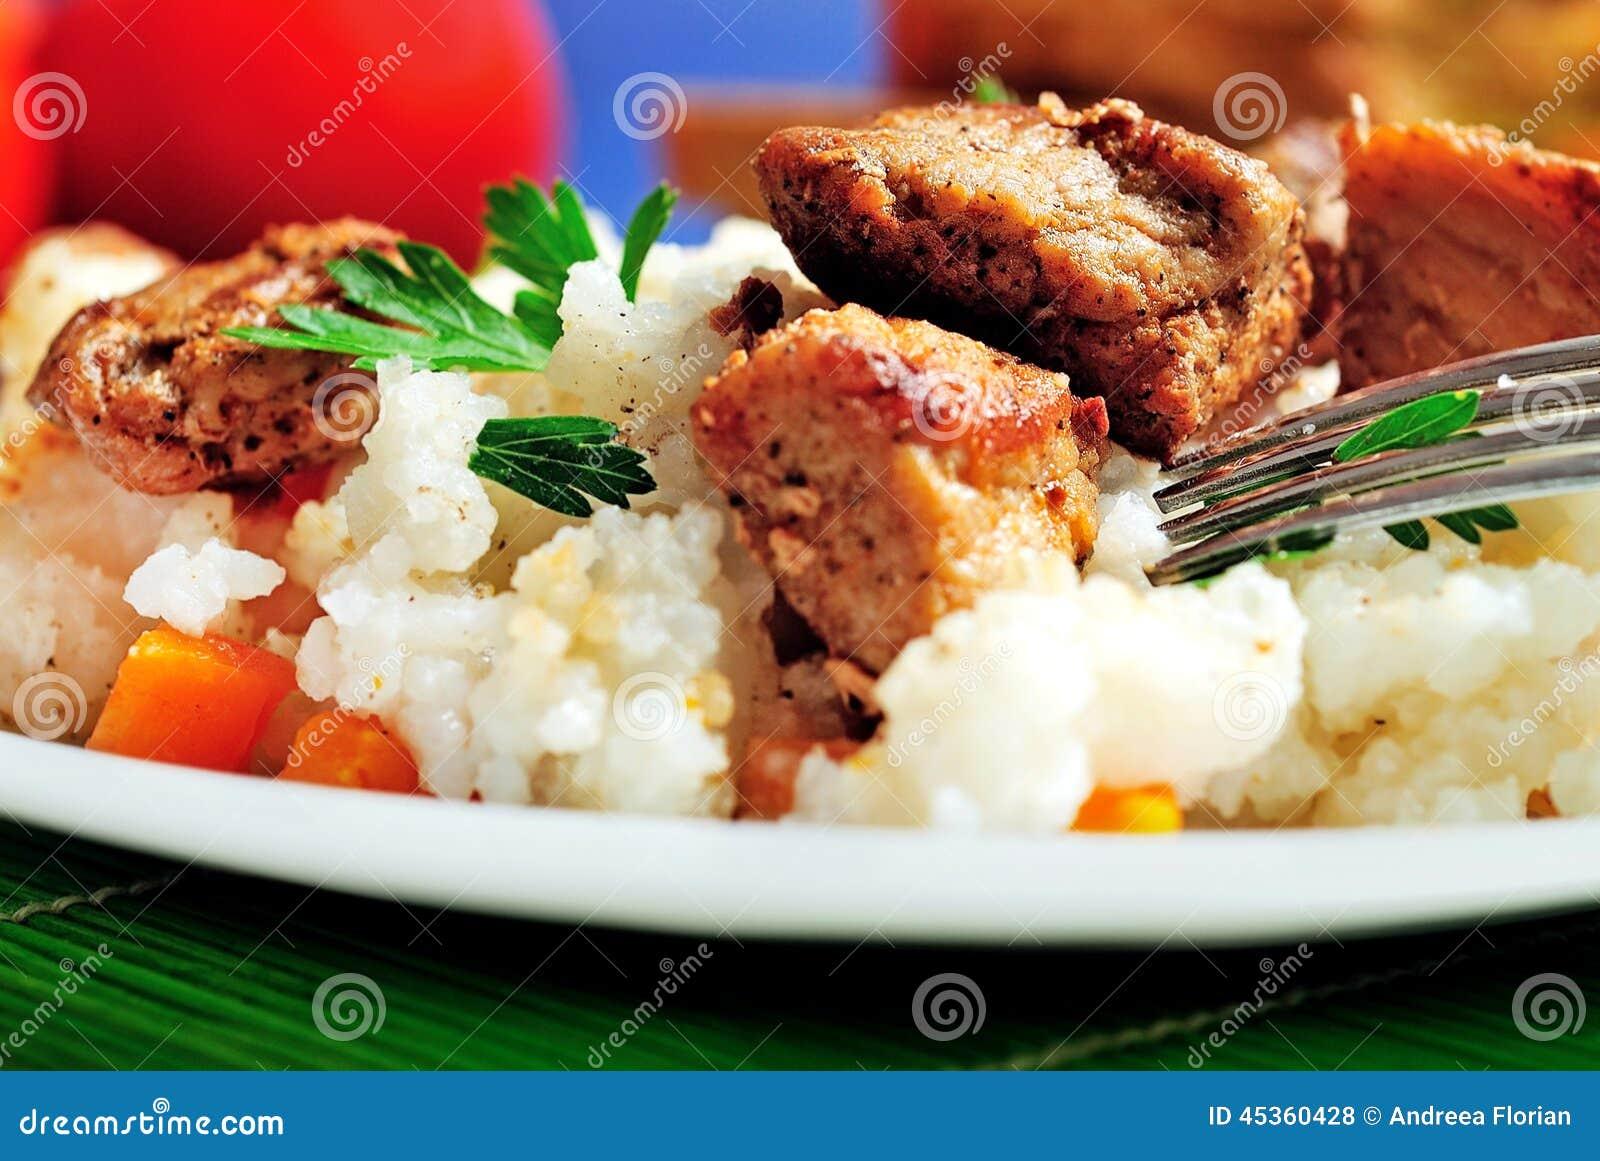 Risotto avec de la viande